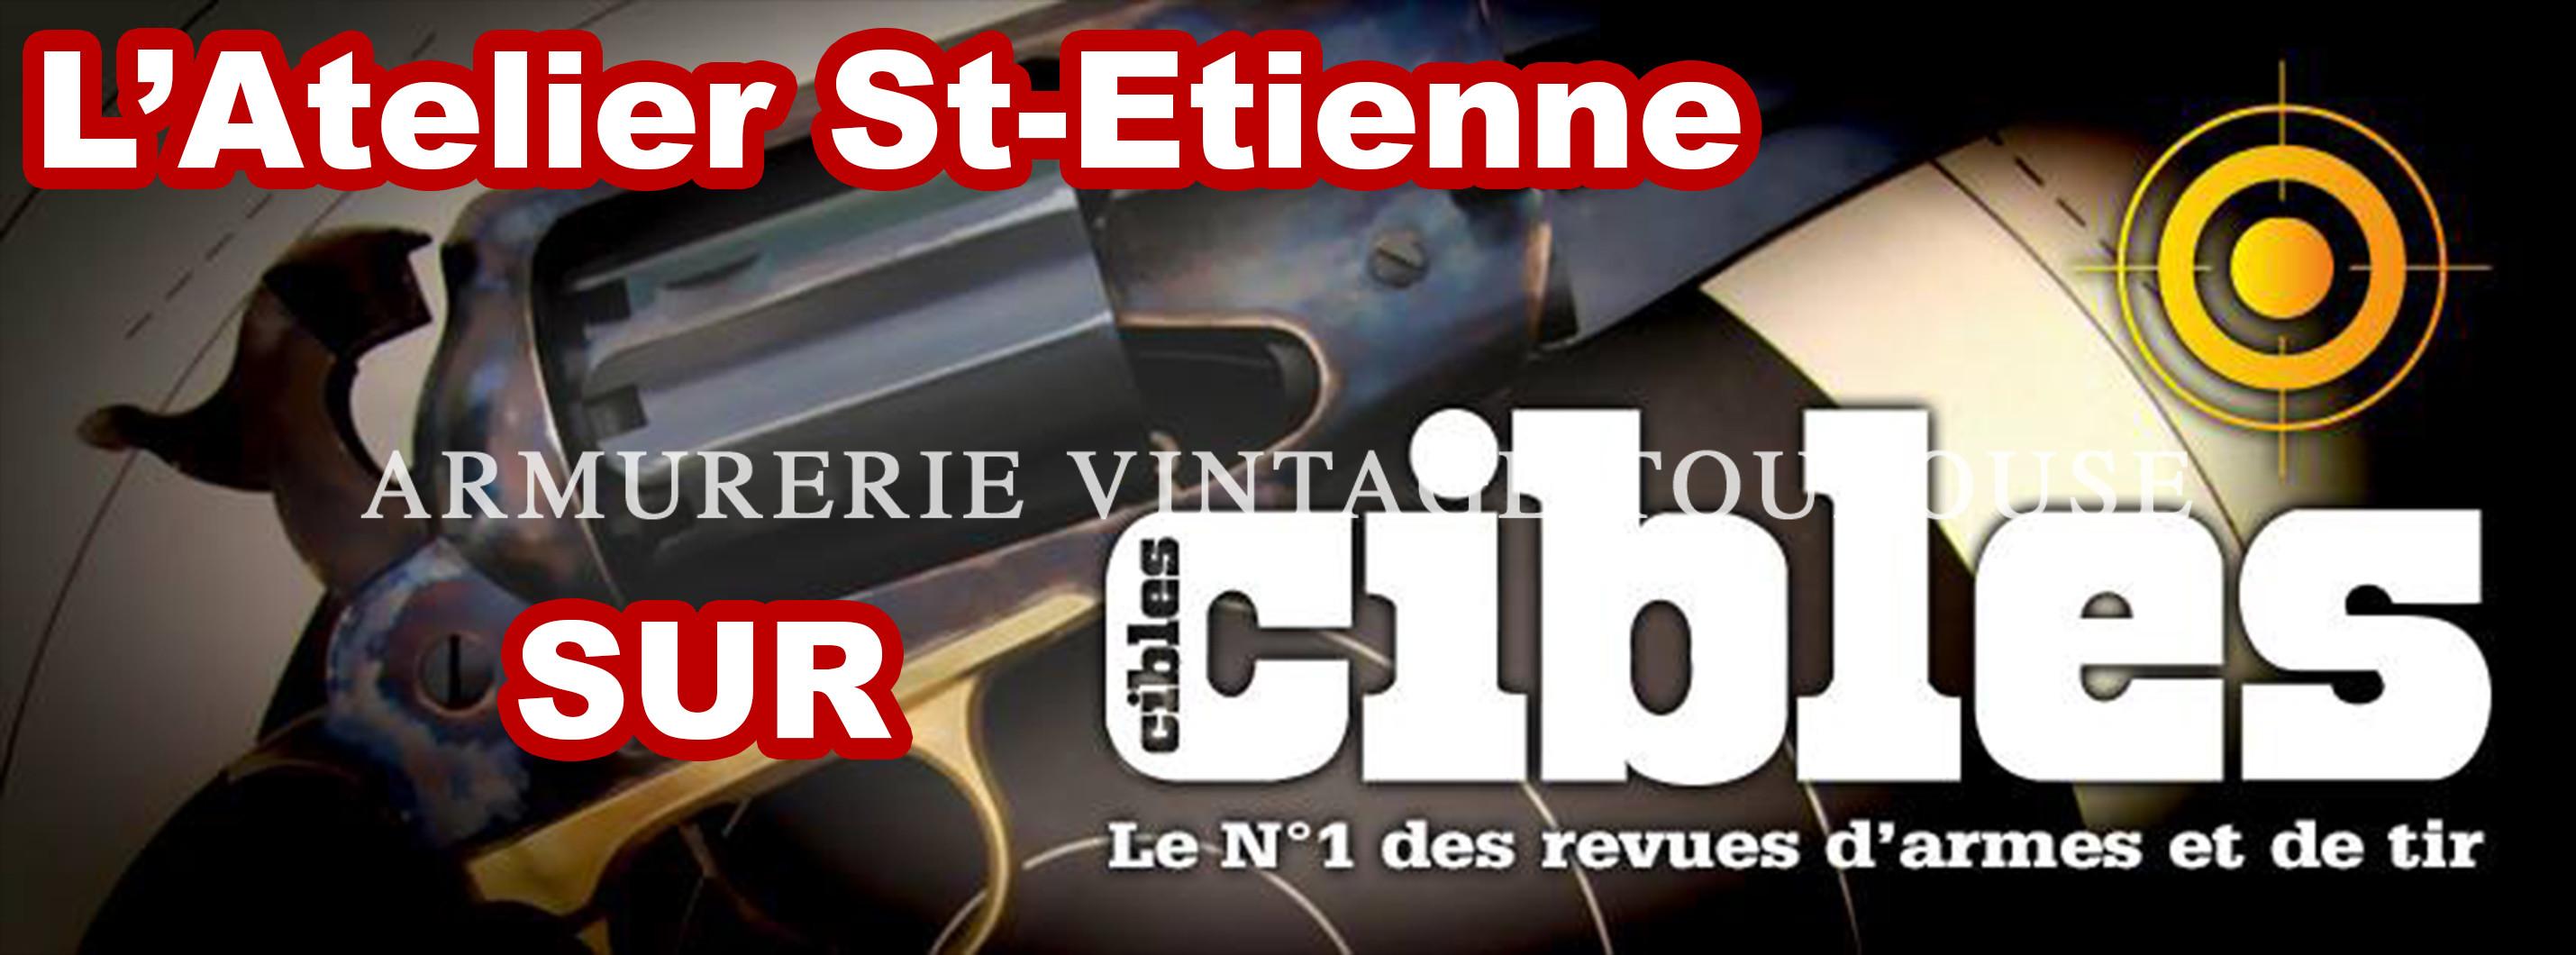 L'Atelier Saint-Etienne Sur CIBLES